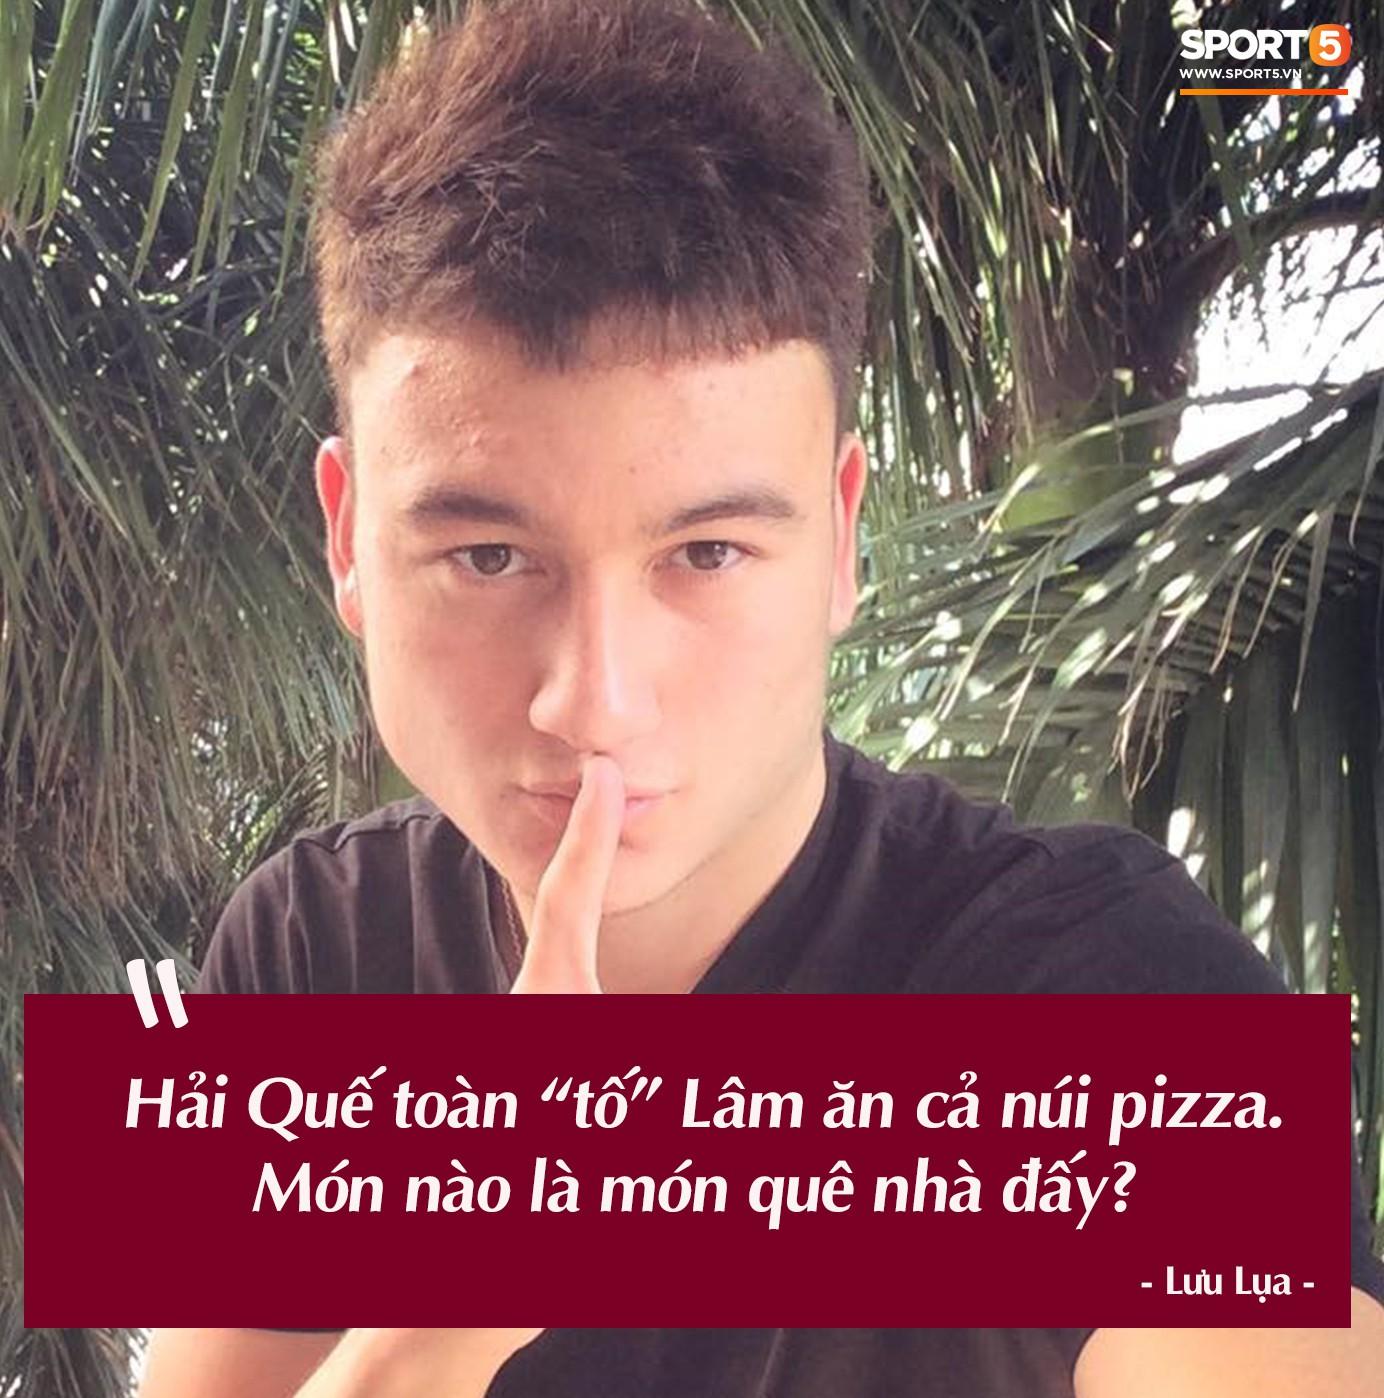 Trước vòng đấu loại trực tiếp Asian Cup 2019, Đặng Văn Lâm tuyên bố: Anh sẽ về, nhưng không phải hôm nay - Ảnh 5.